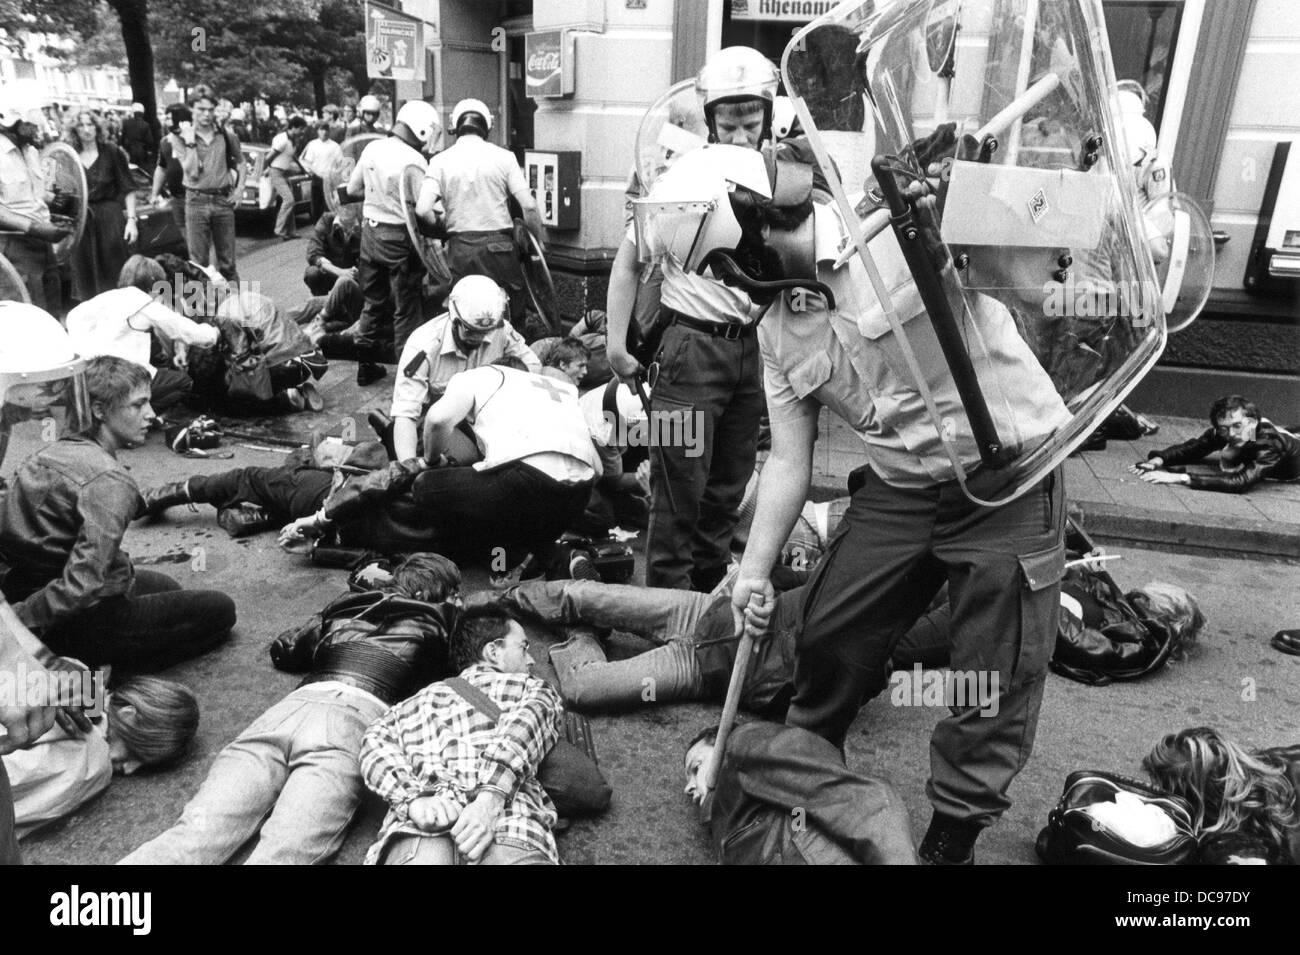 Polizisten und Krankenwagen Männer in der Mitte von Demonstranten auf dem Boden liegend und wird teilweise Stockbild